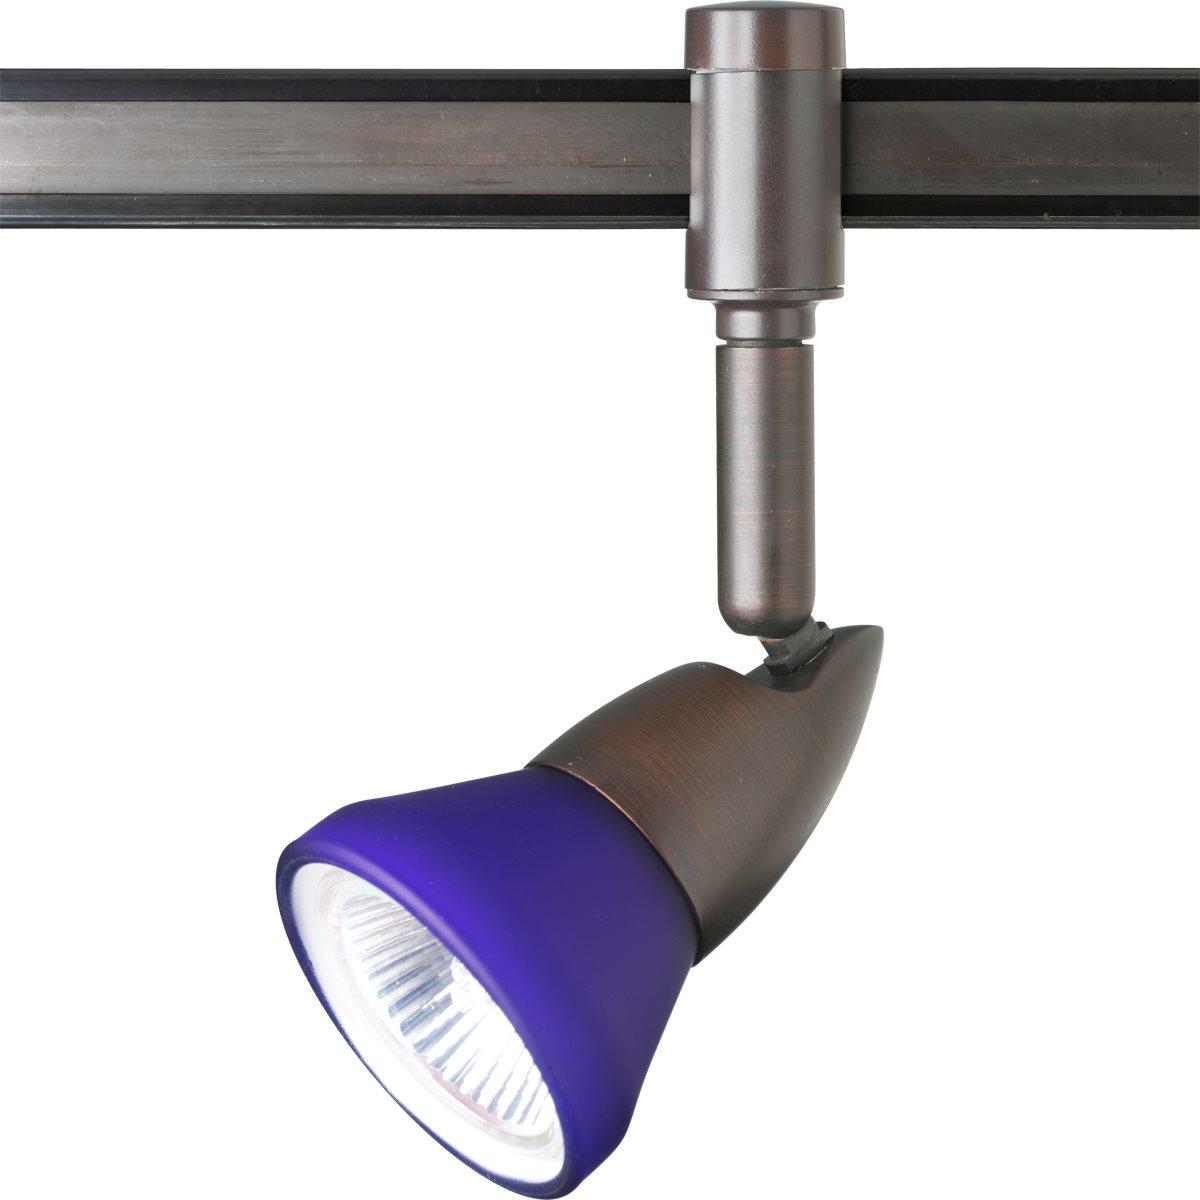 Illuma Flex Track Lighting Installed In A Kitchen From: Progress Lighting P6124-174B Illuma Flex 12V Adjustable